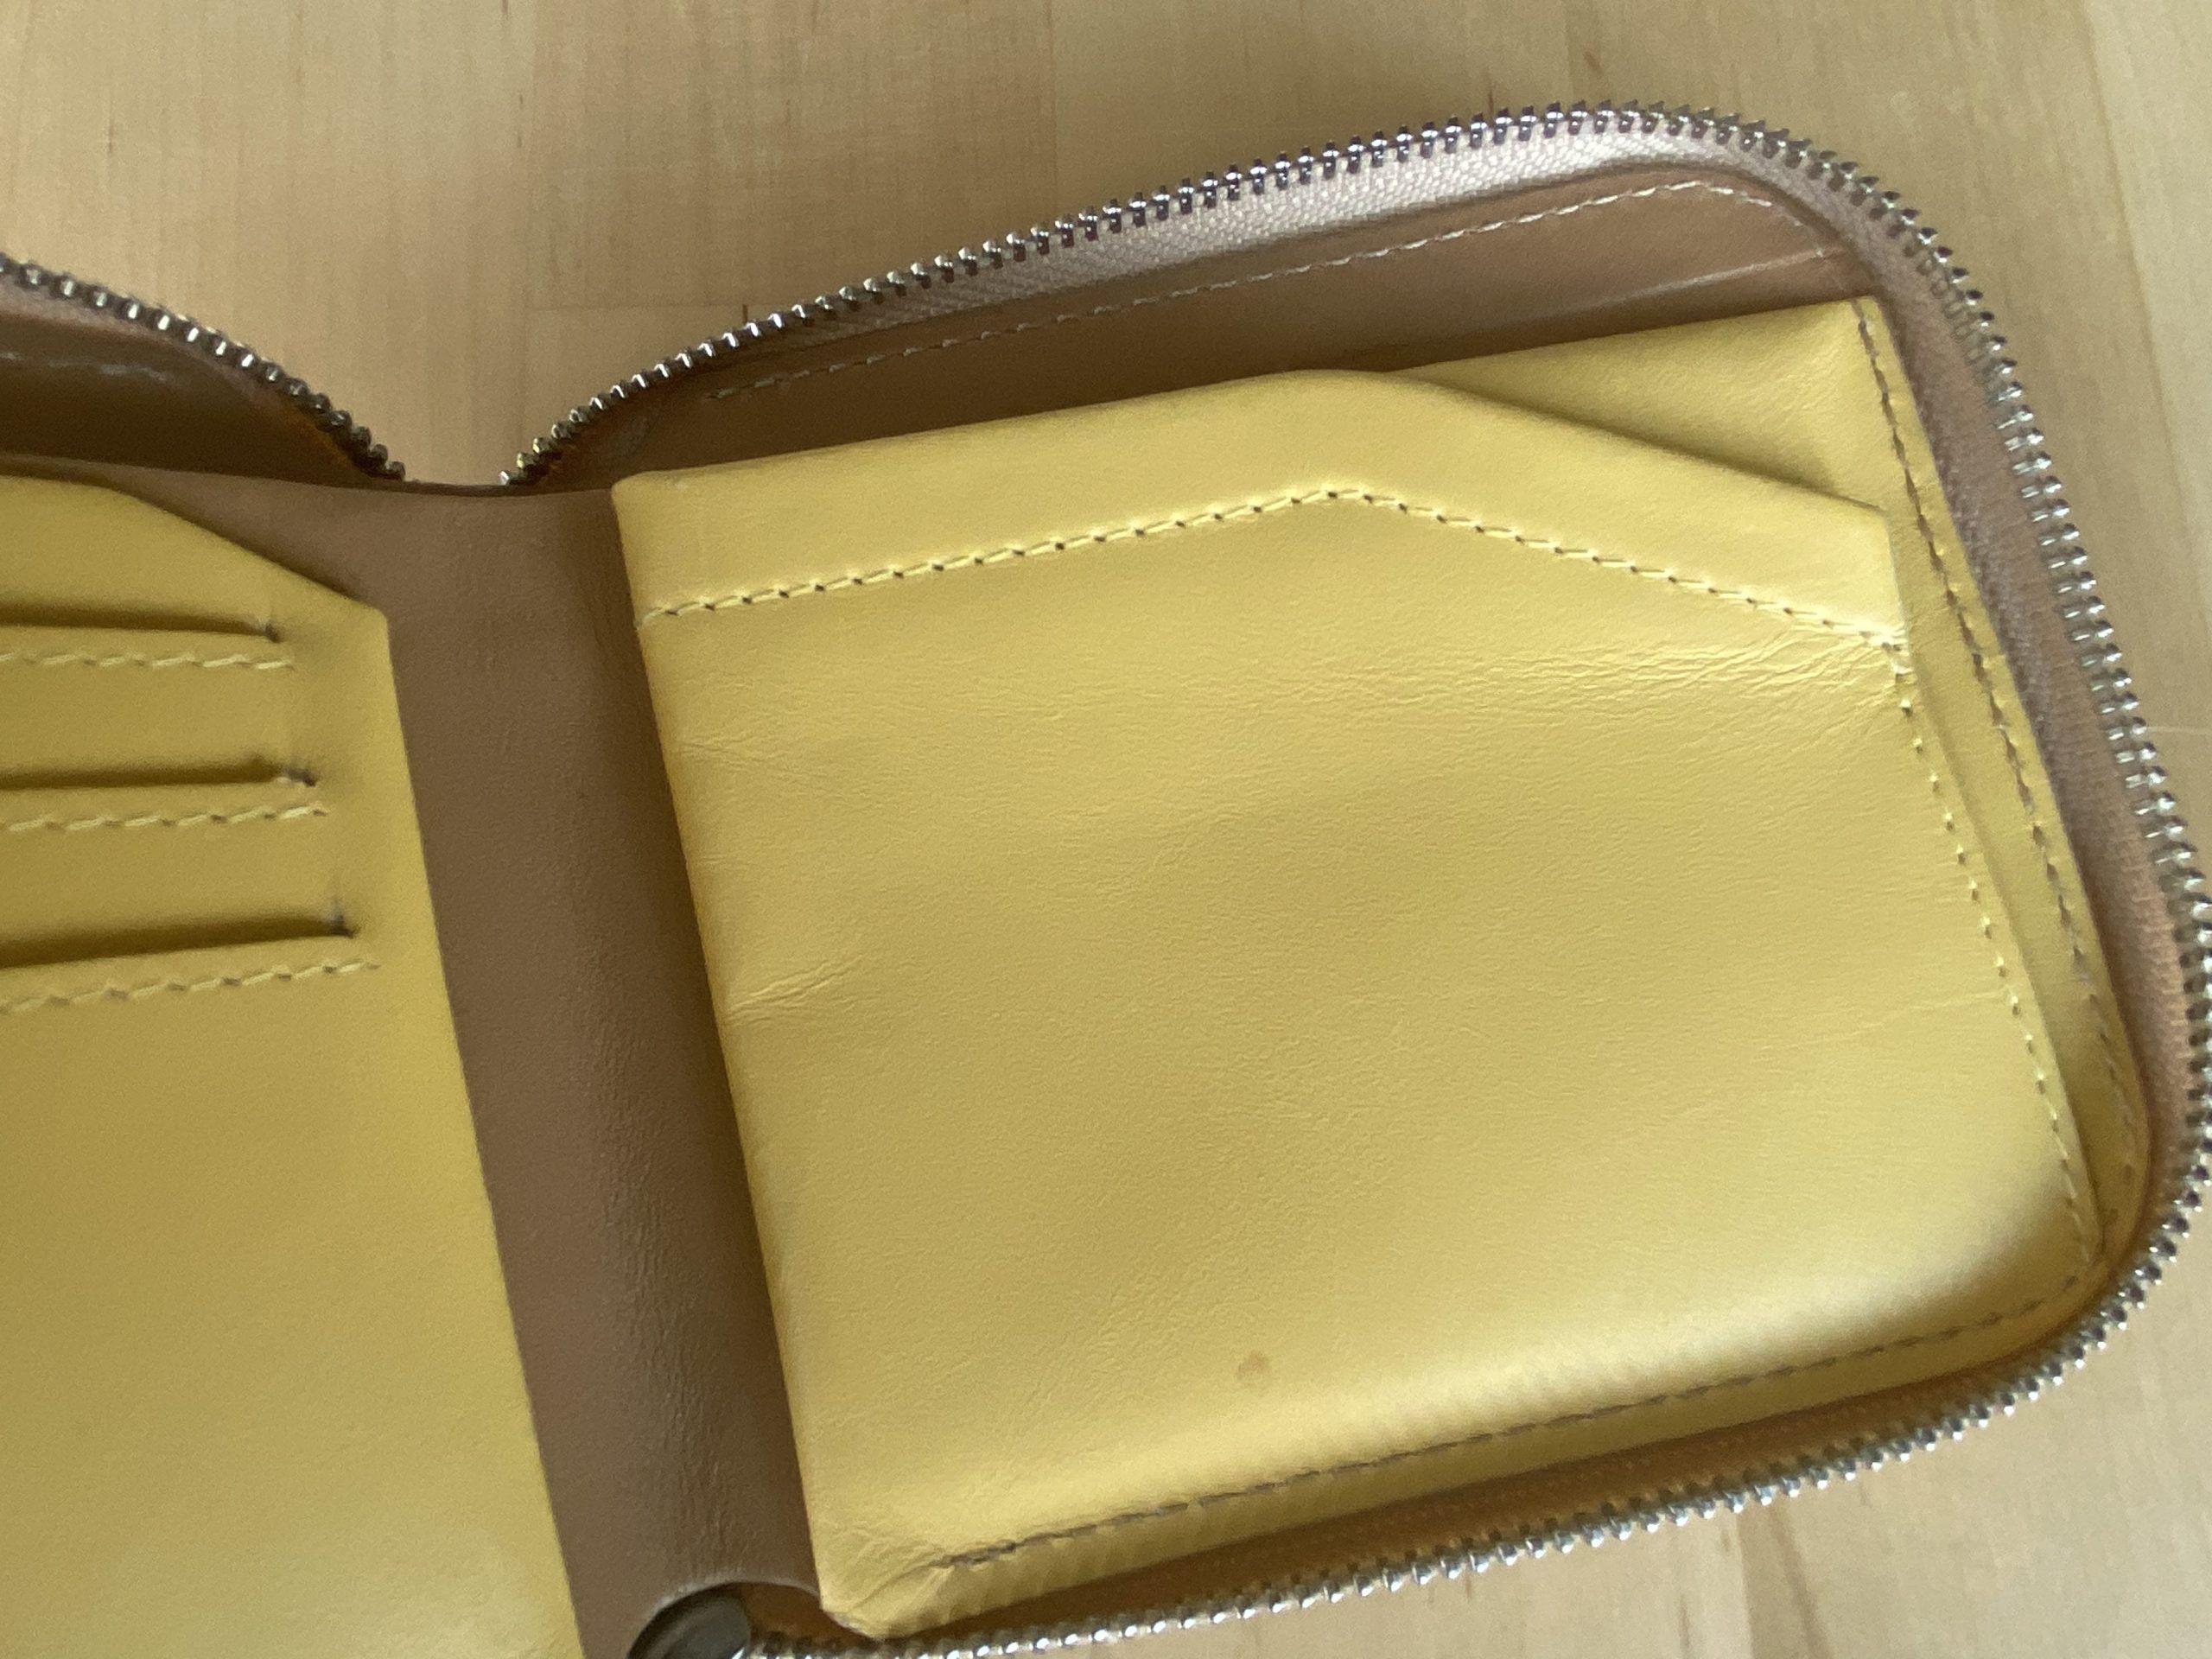 Bellroy Zip Wallet Wear